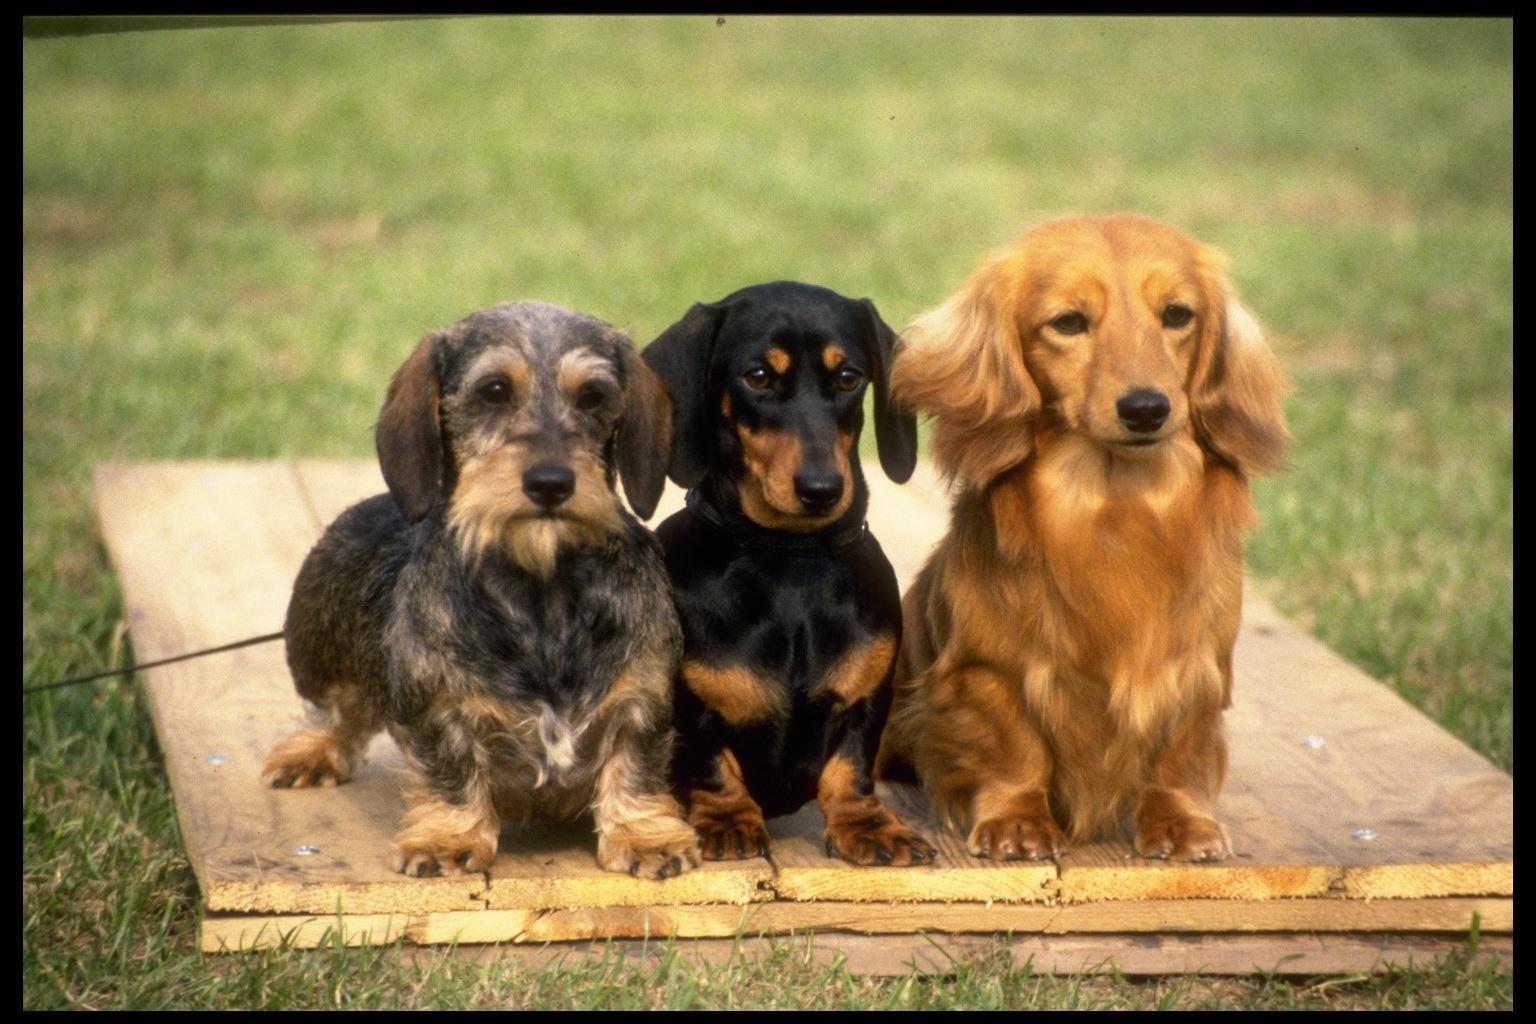 85012e15c86 Jezevčík je skupina plemen německých loveckých psů jamníků. Podle typu  srsti se jezevčíci dělí na hladkosrsté